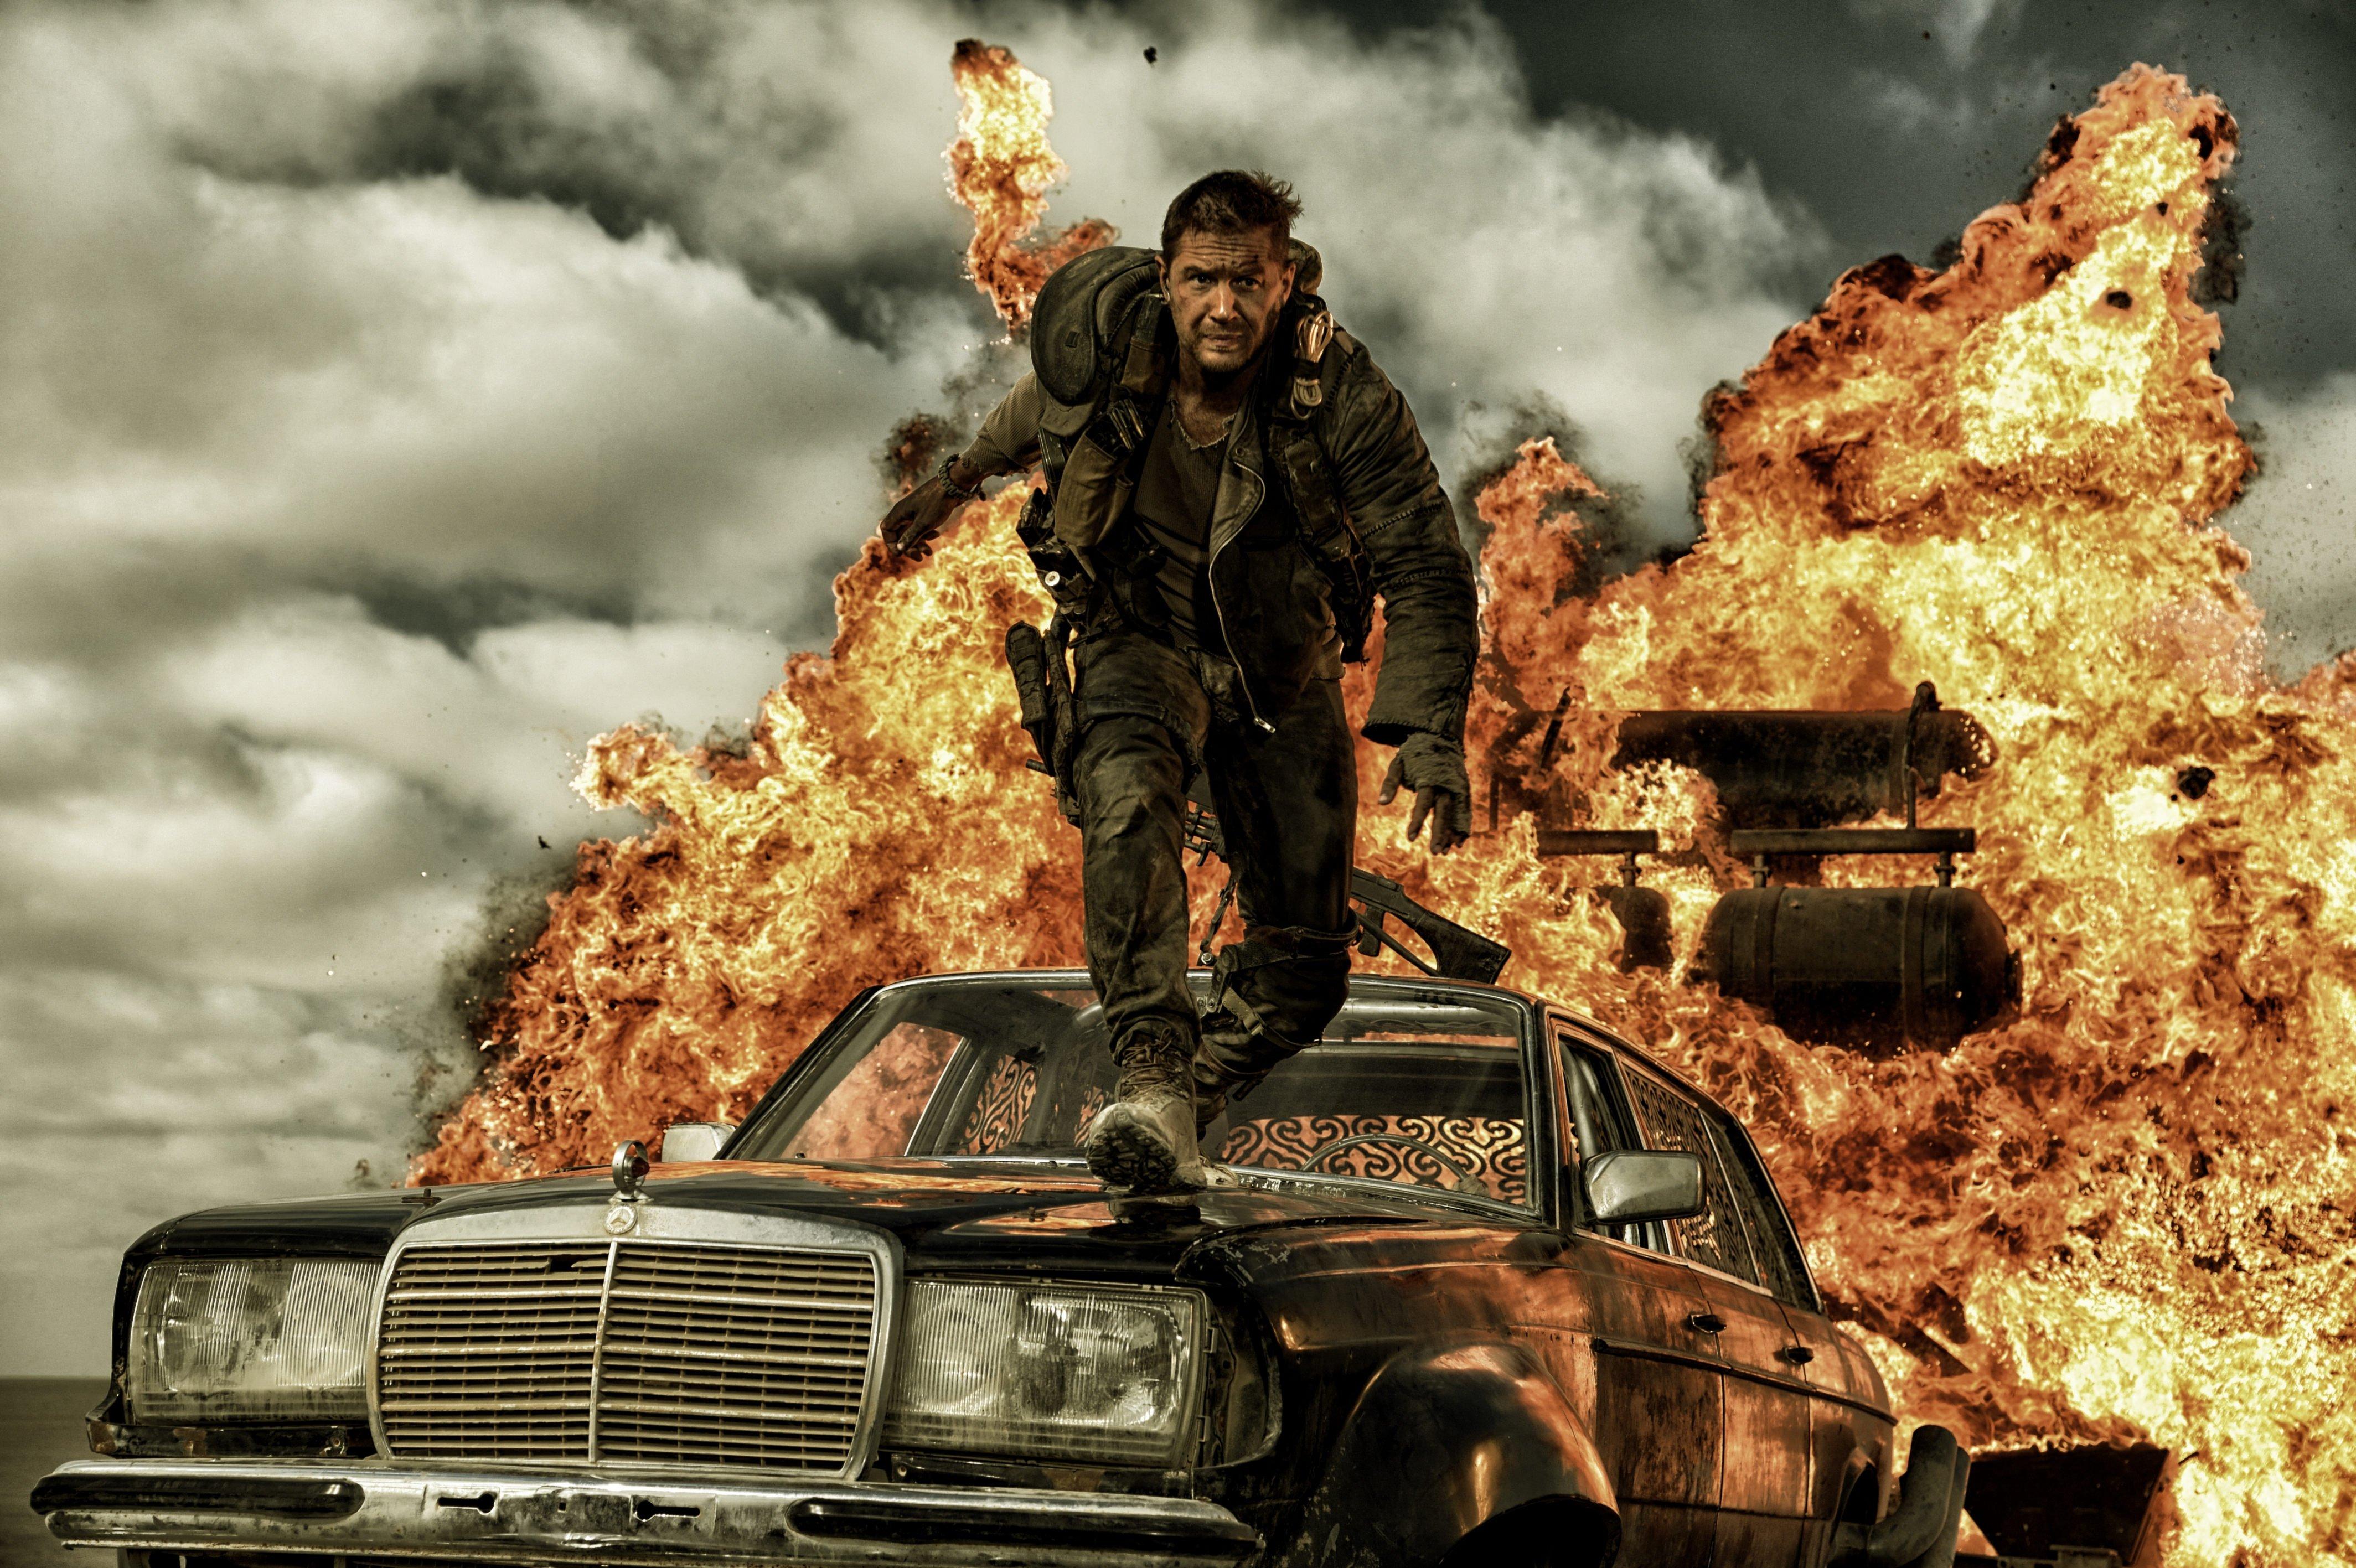 apocalyptic road warrior - photo #17